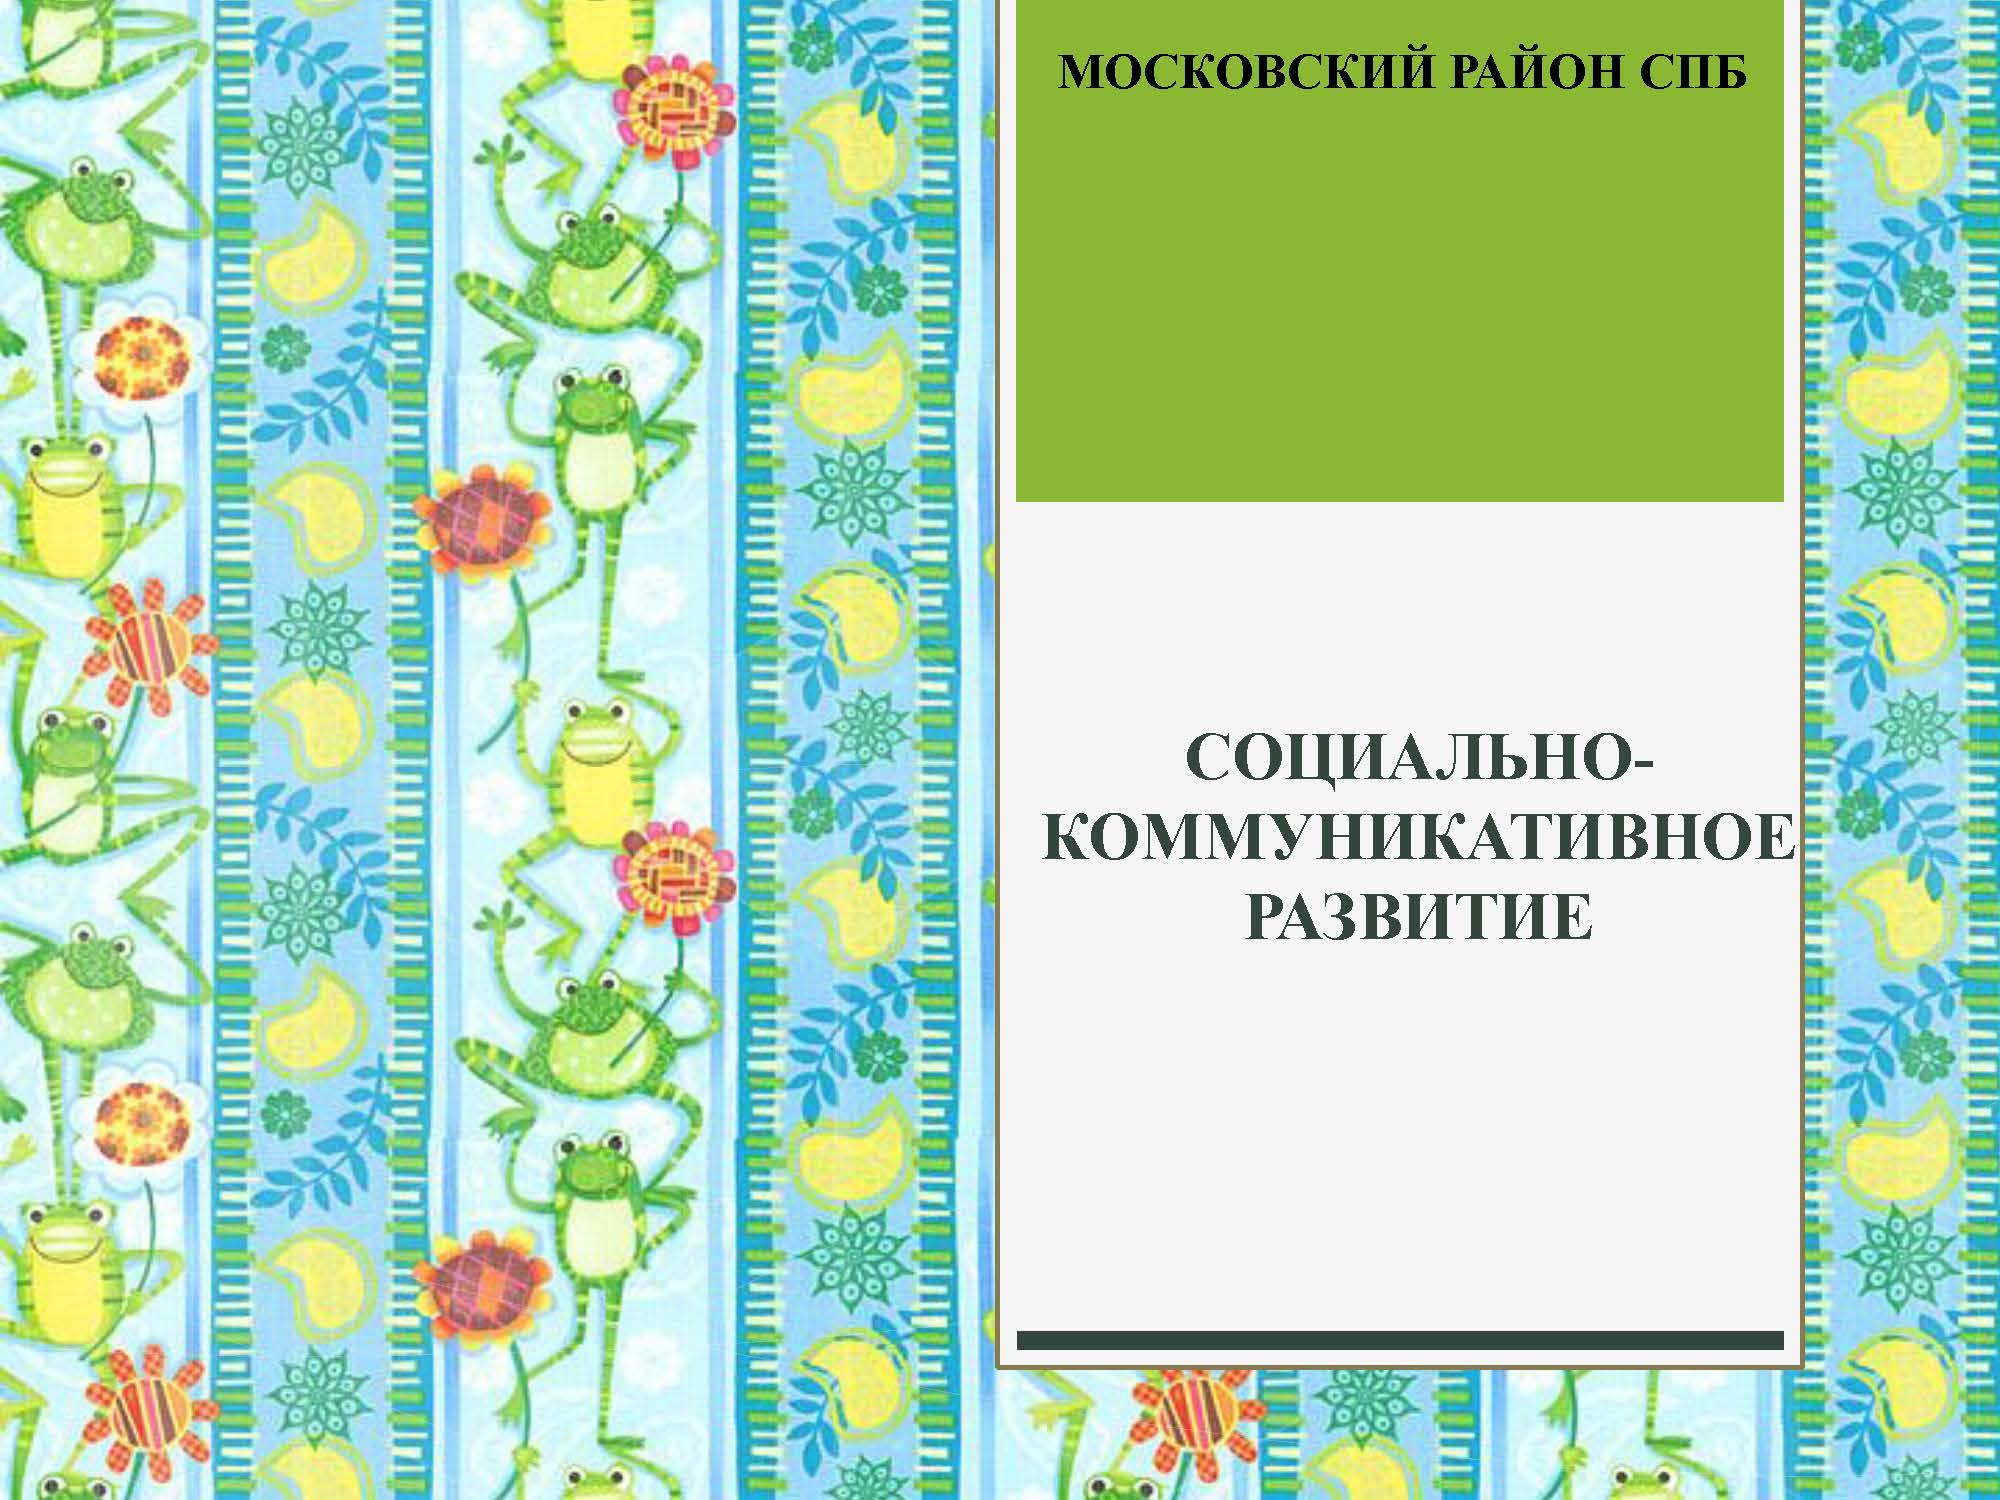 секция 8. ДОУ 104. Московский район_Страница_29